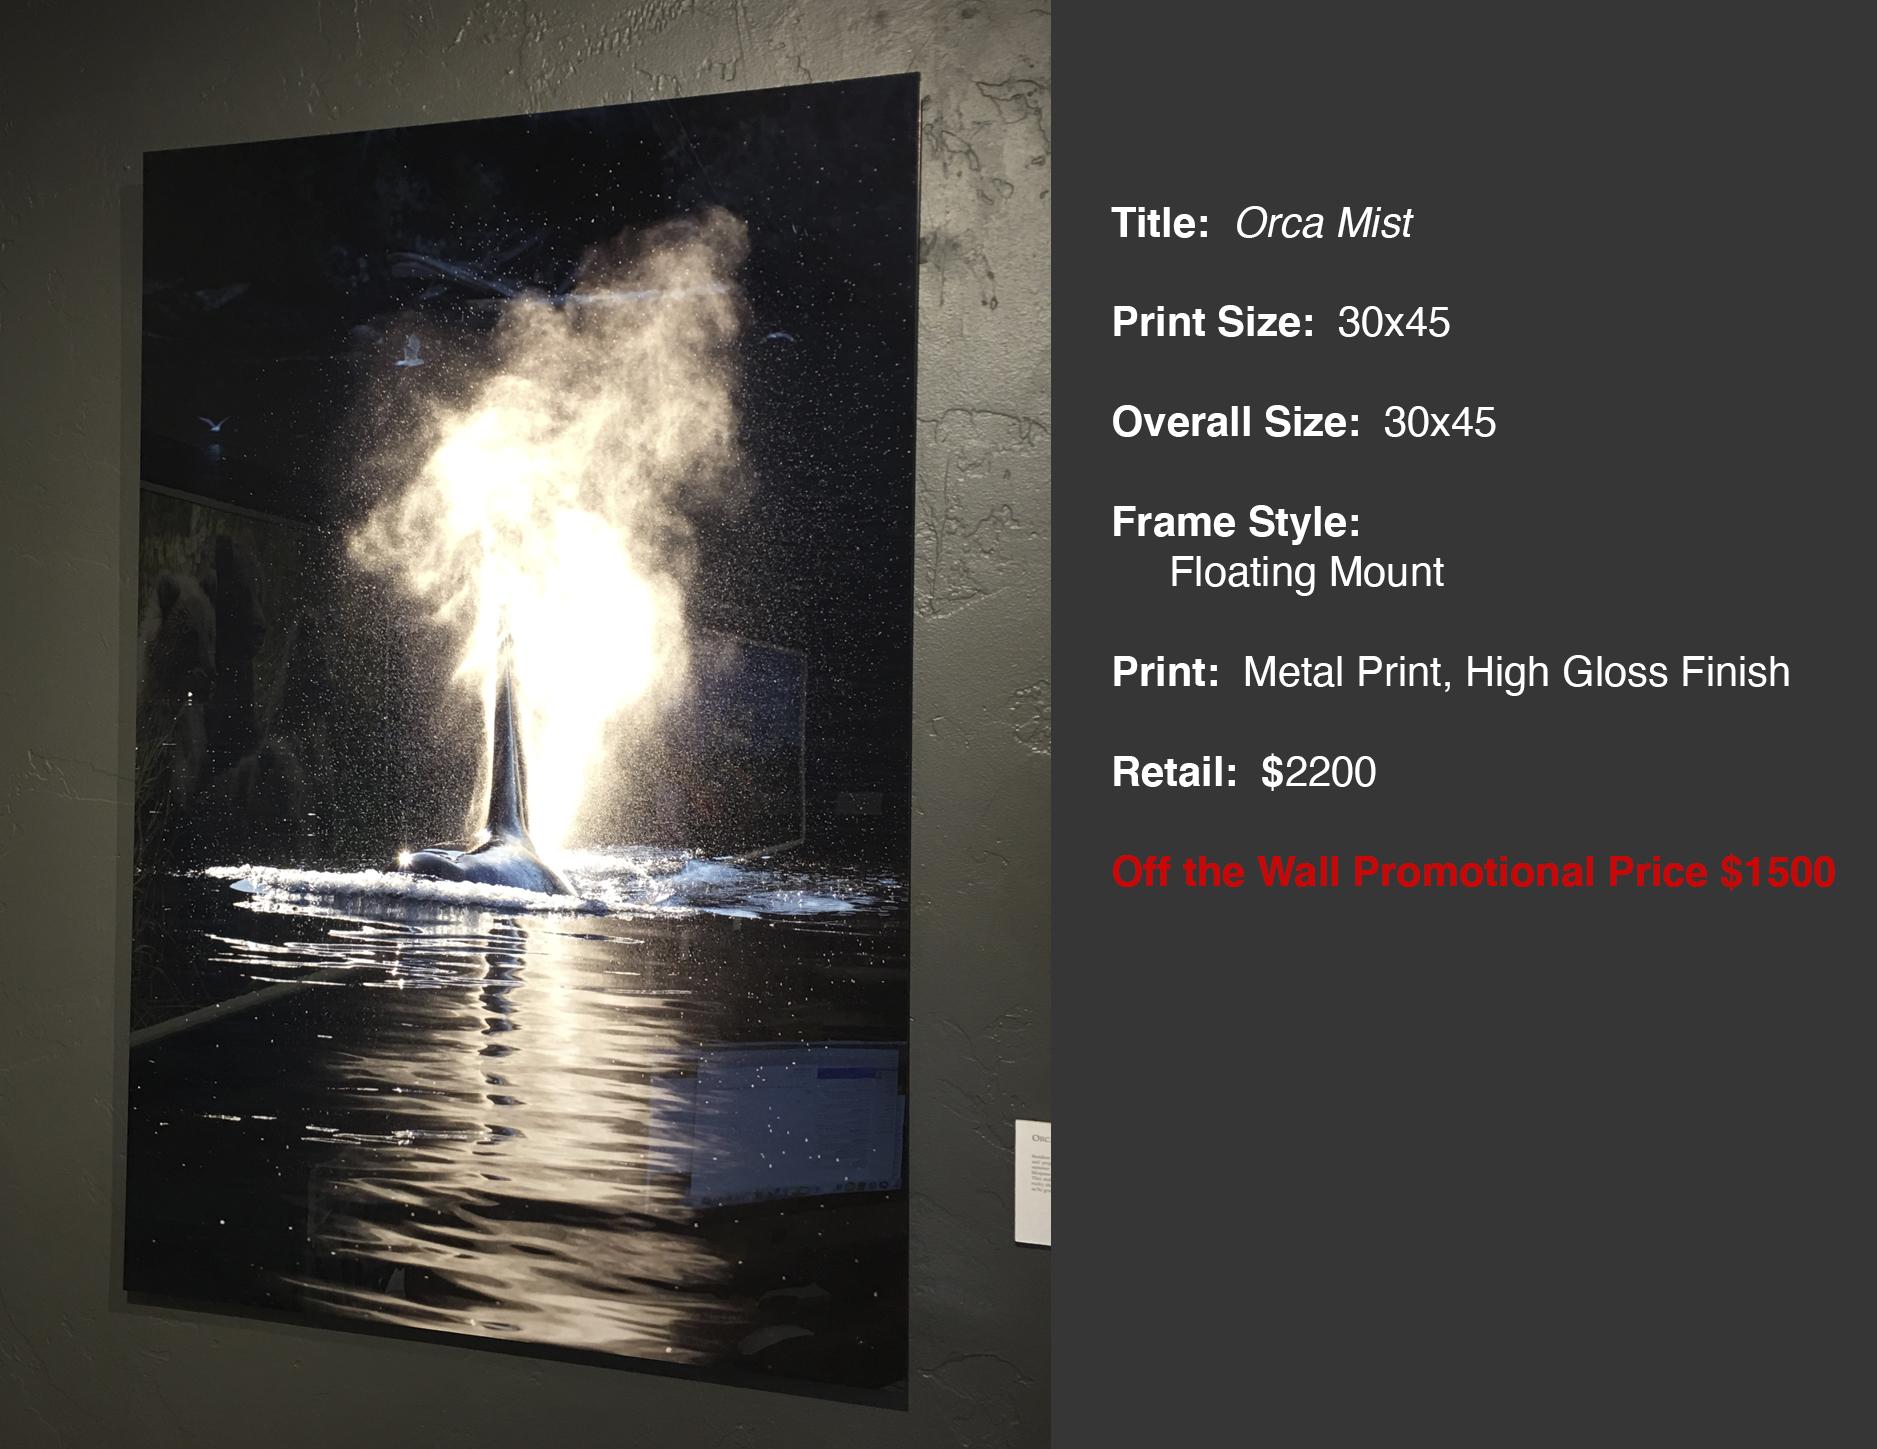 Orca Mist 30x45